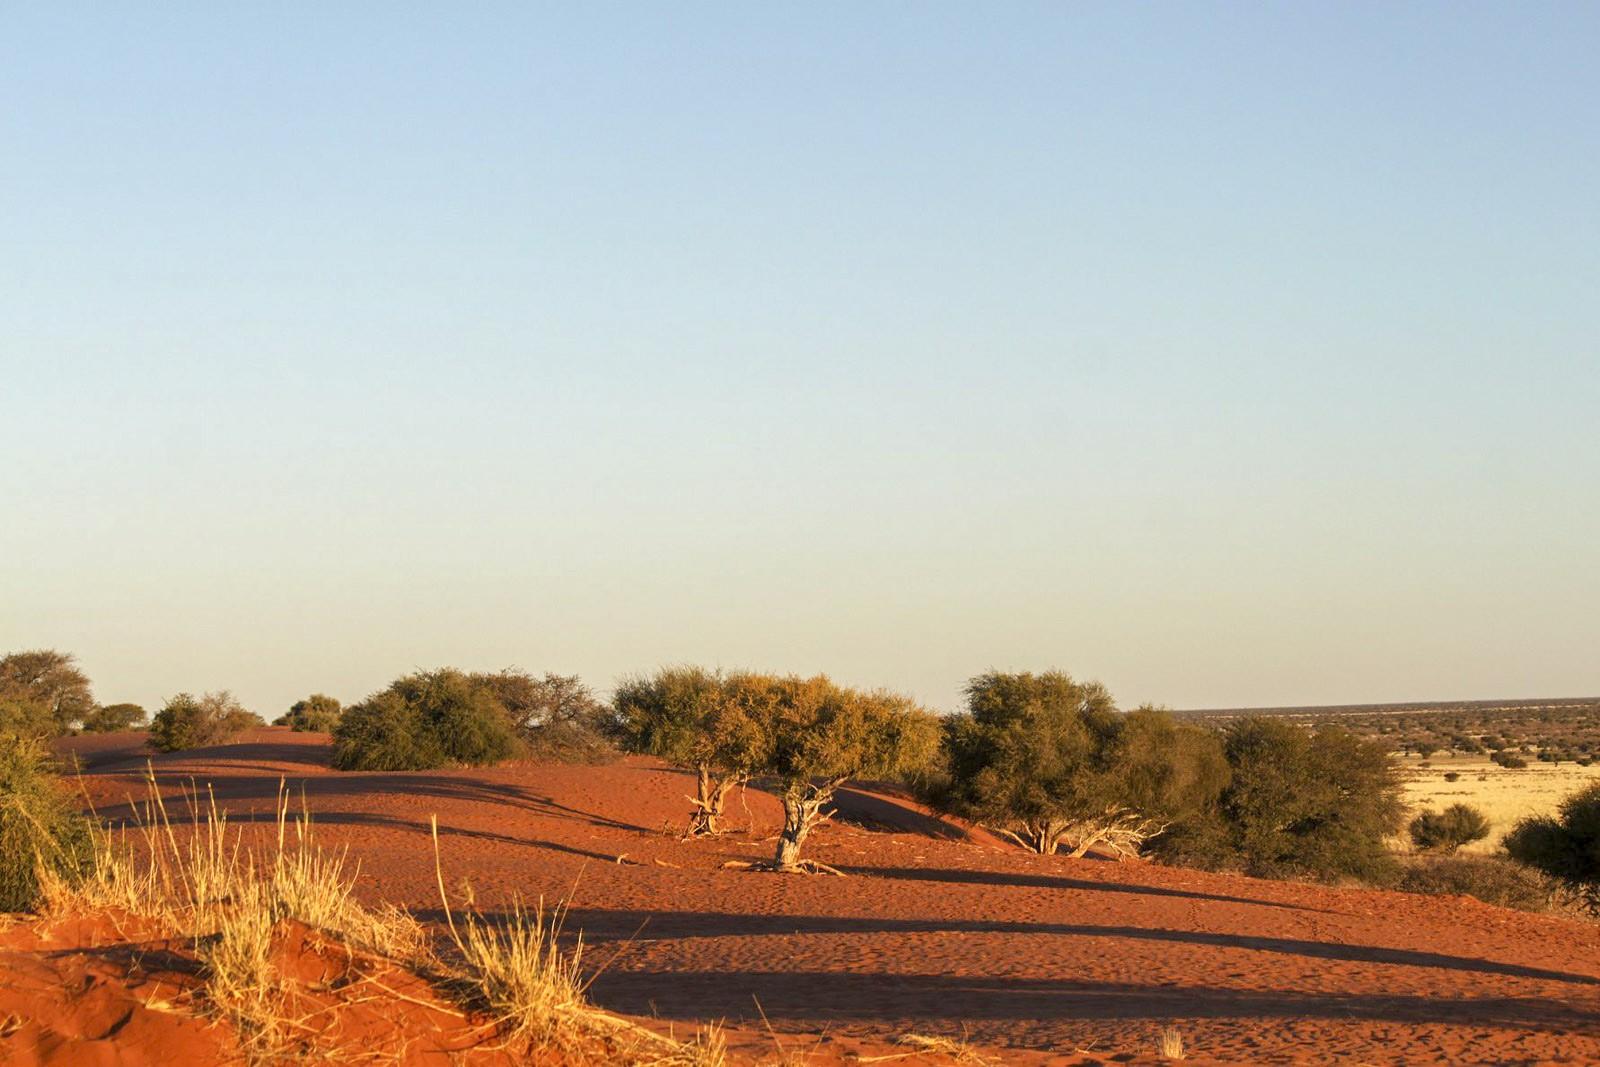 Trees in desert area